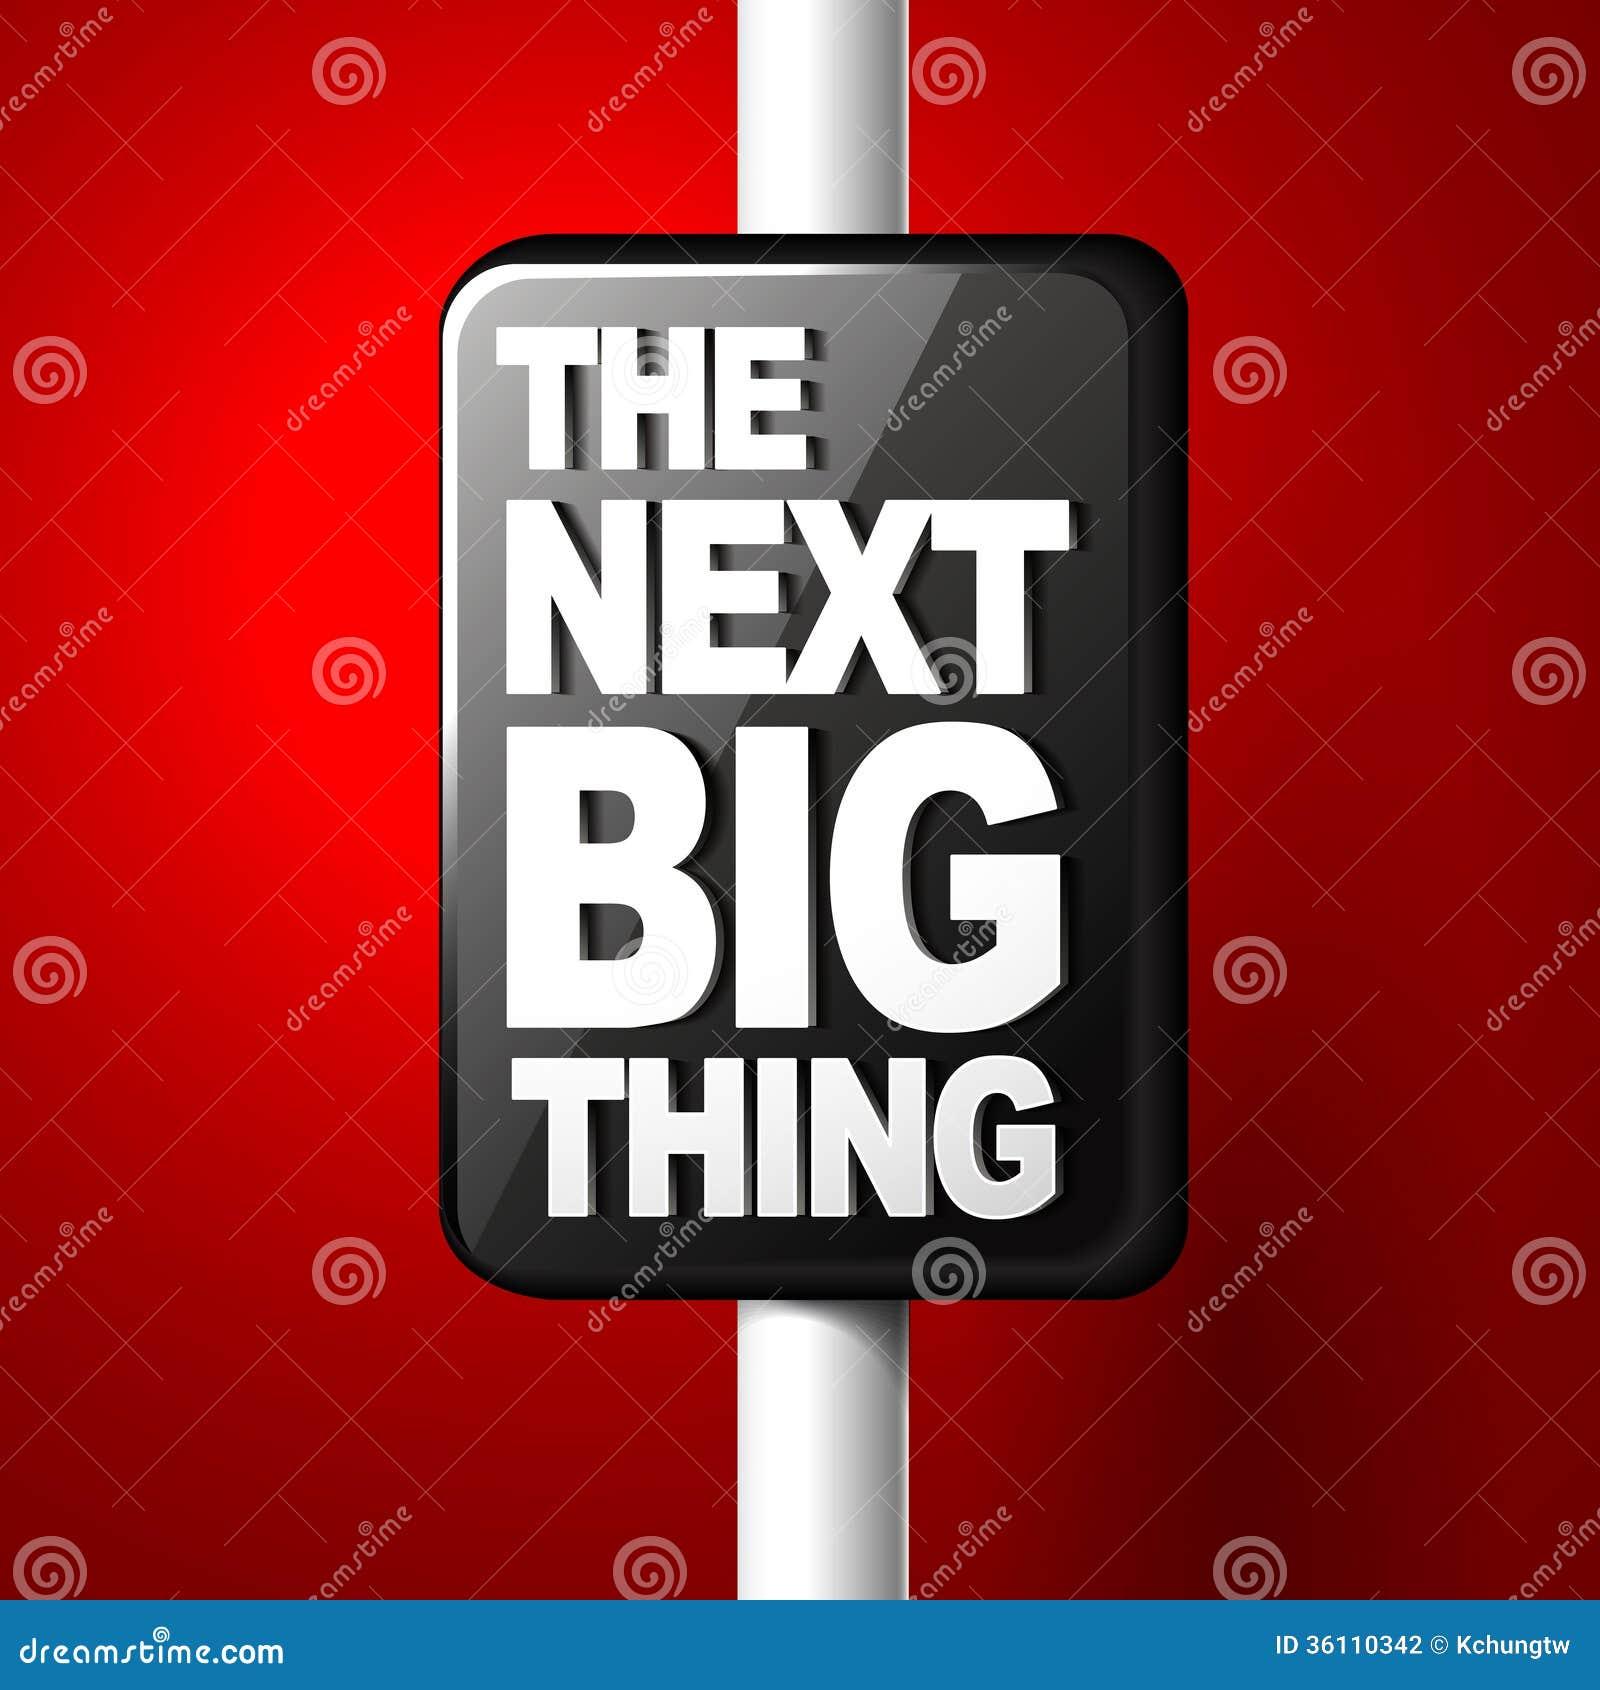 La prochaine grande chose venant bientôt illustration de l annonce 3d